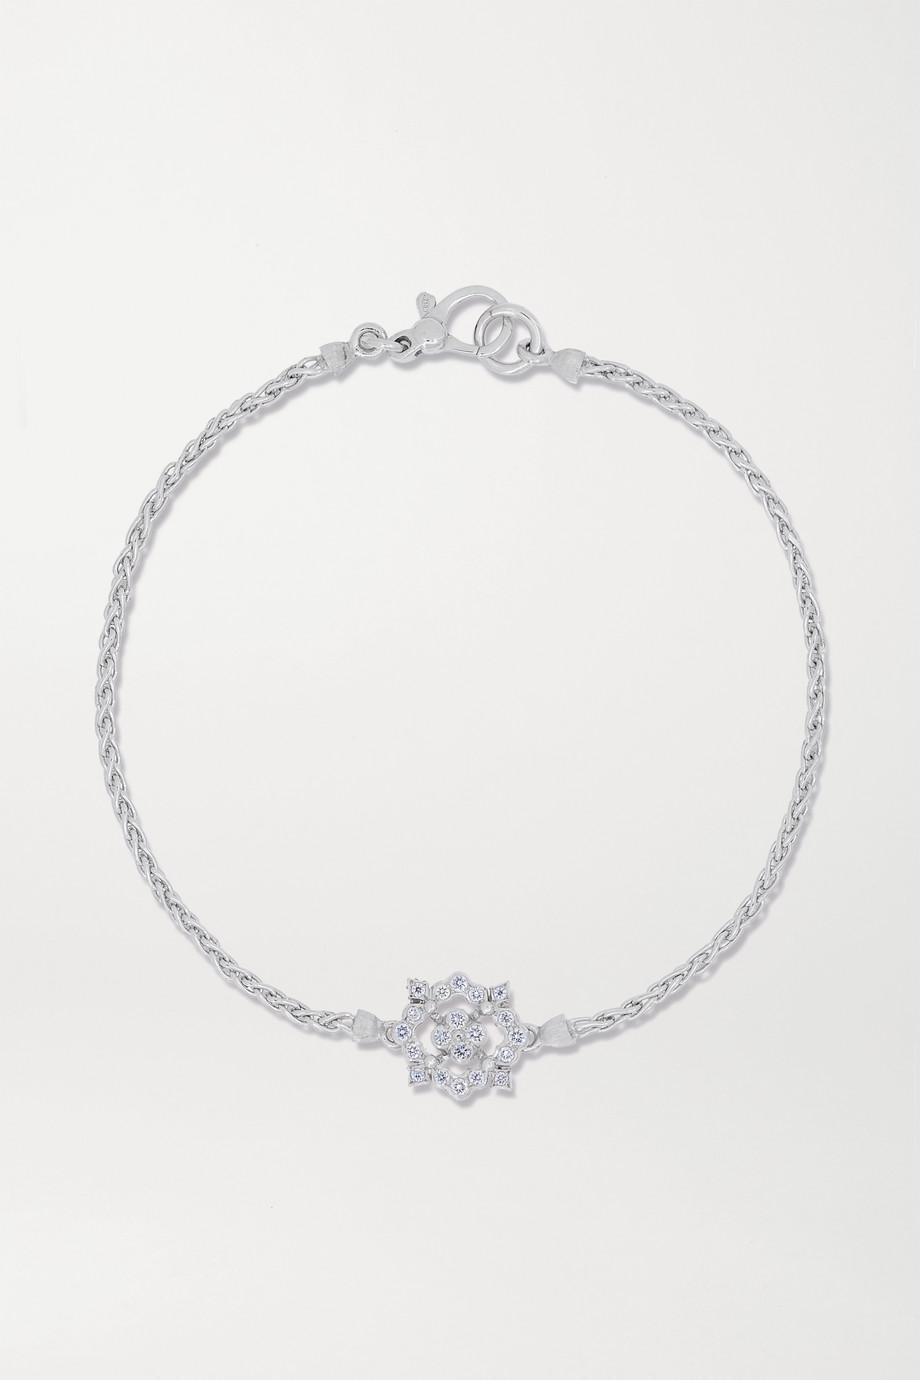 Buccellati Carlotta Armband aus 18 Karat Weißgold mit Diamanten